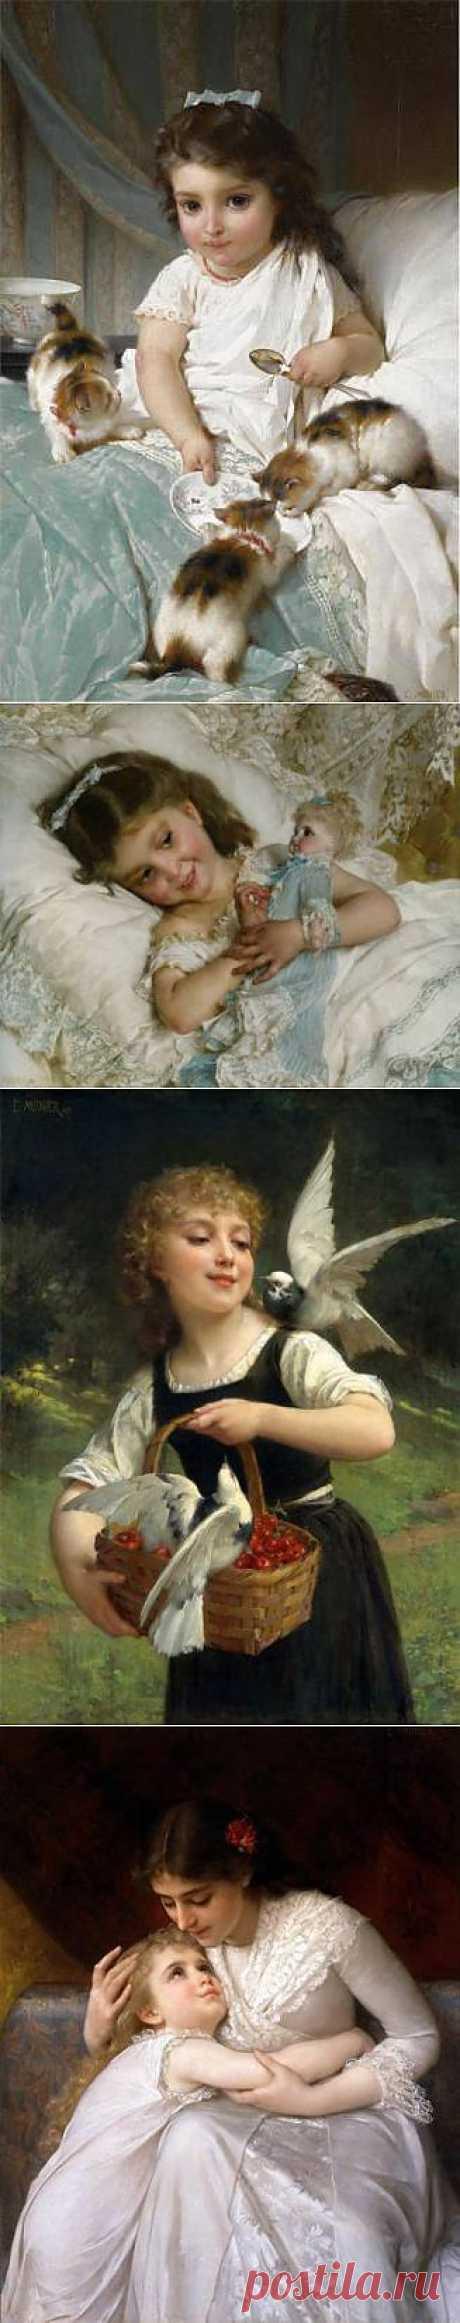 Дети на картинах Emile Munier - Галерея искусств - Для души - Статьи - Школа радости